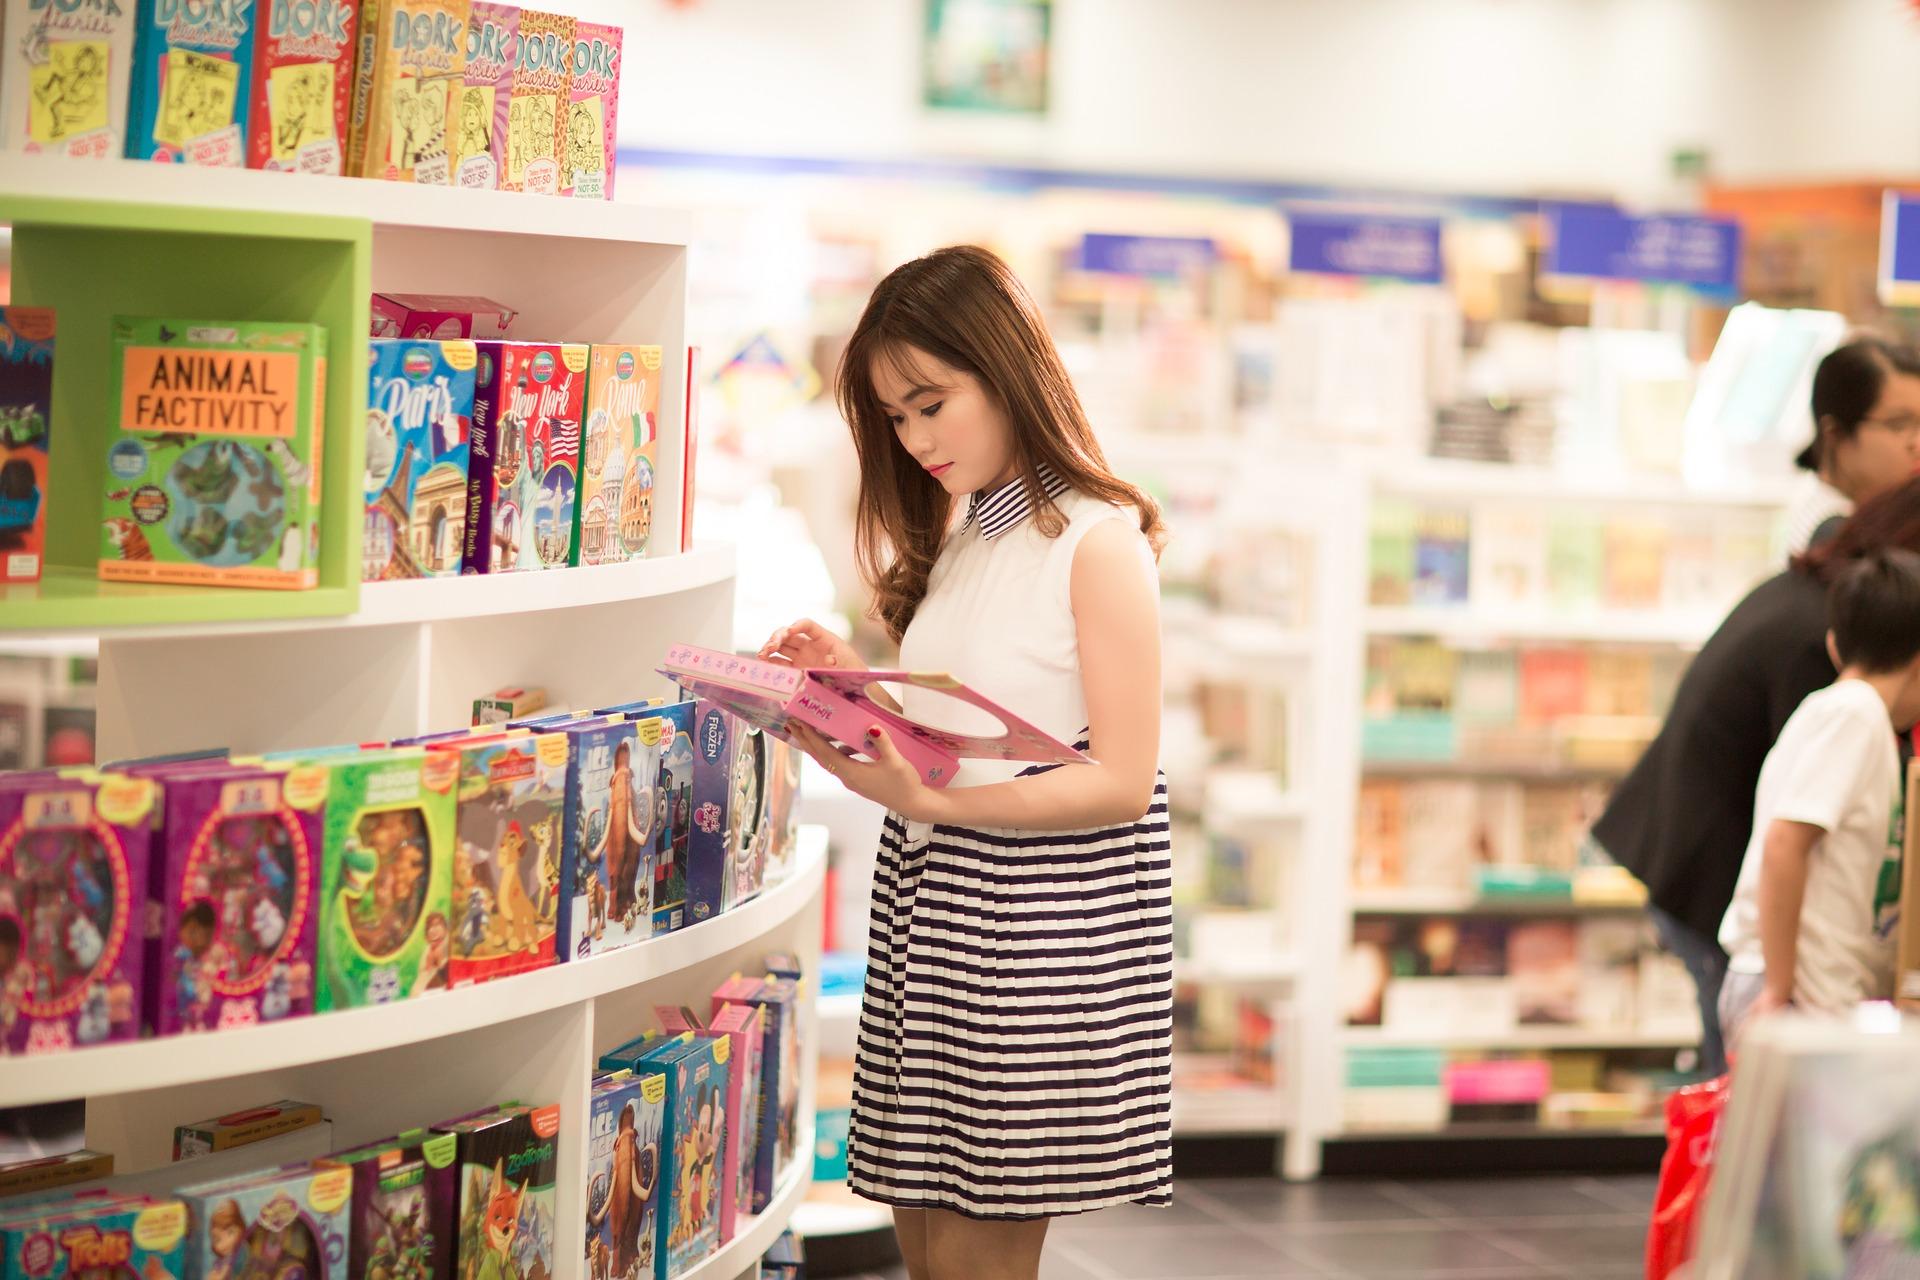 בלי בזבוזים: כך תרכשו לילדים צעצועים במחירים אטרקטיביים